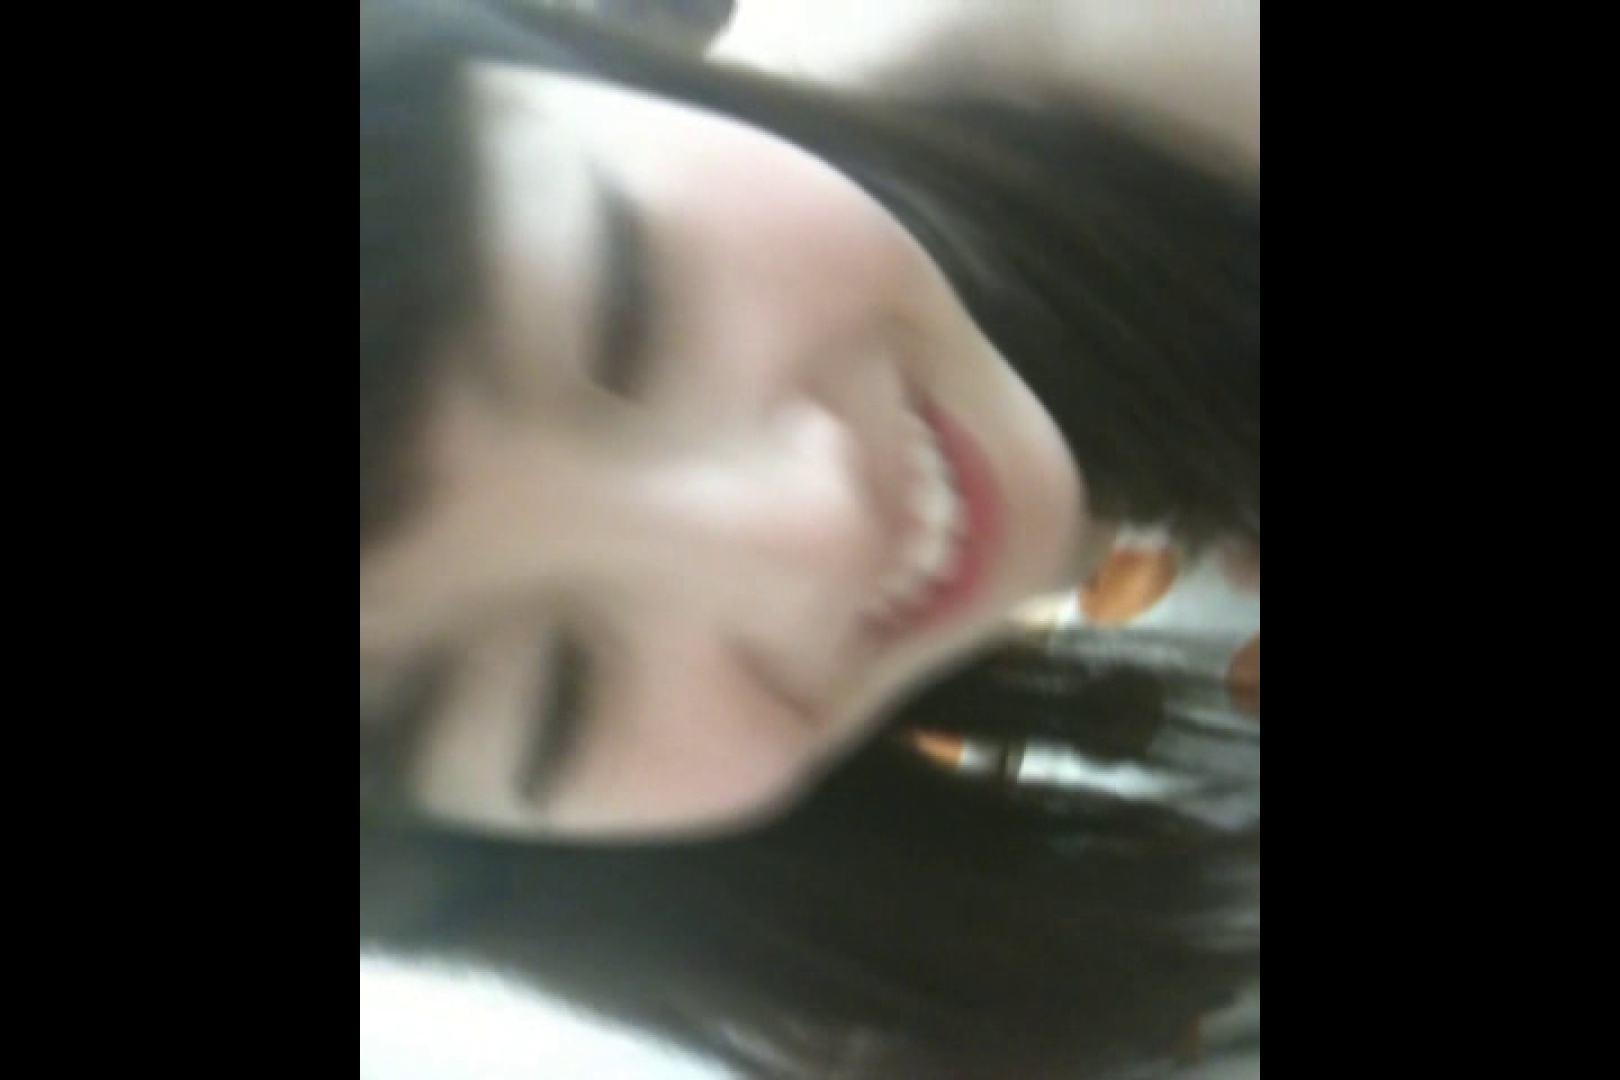 素人流出動画 AMIちゃんYUMIちゃんの秘密の携帯ムービーvol.2 素人のぞき  61pic 12